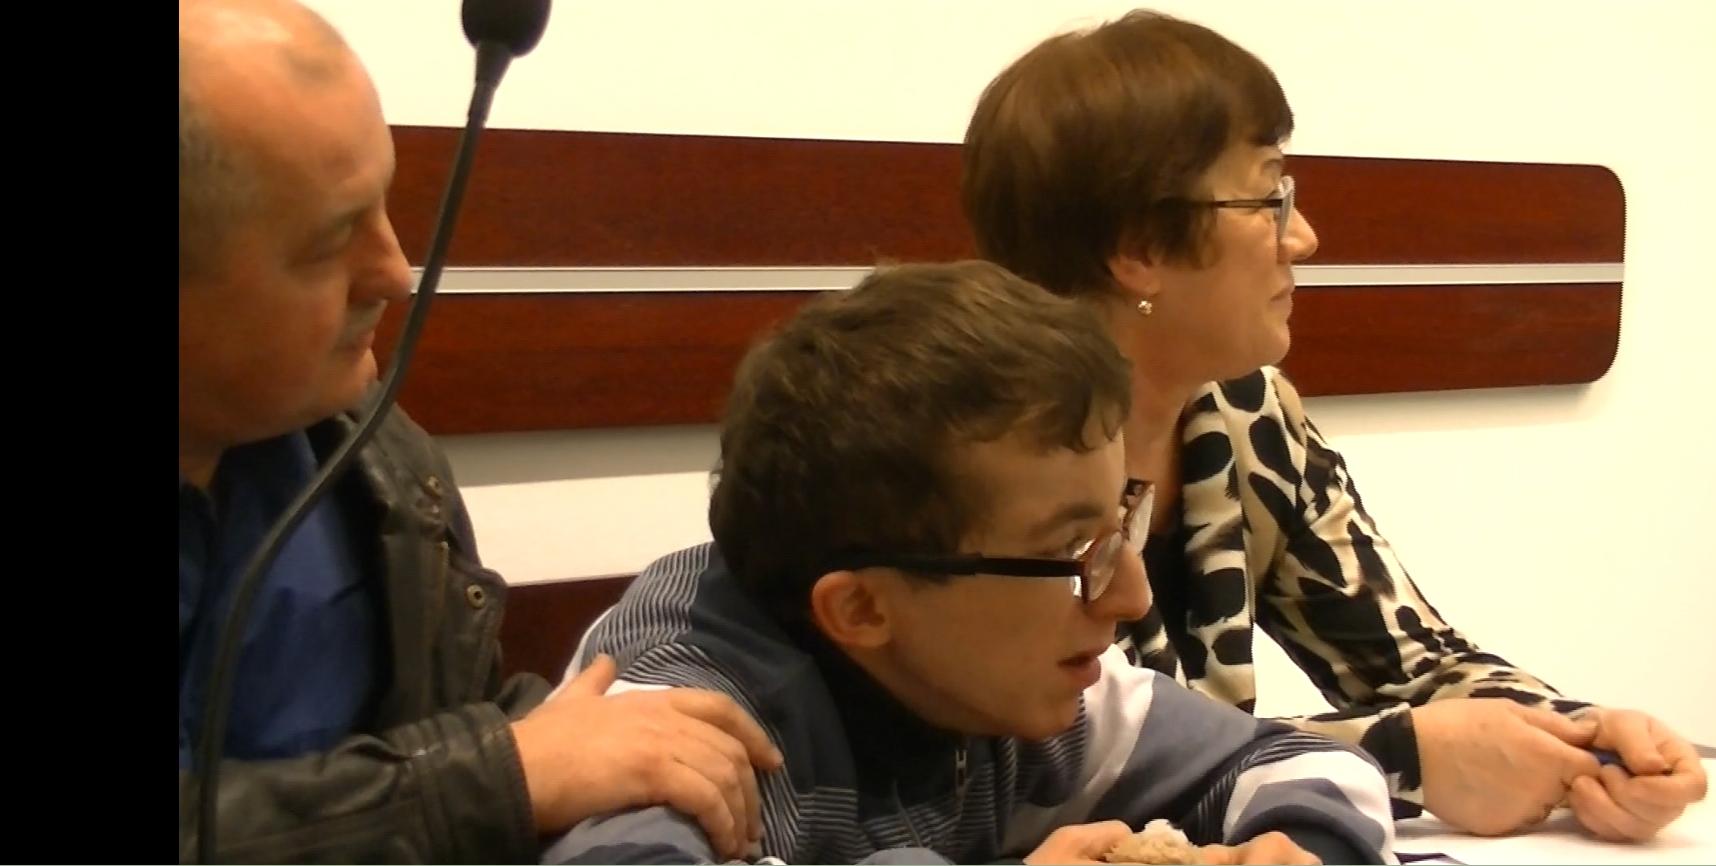 WOLNY CZYN: Trzecia Rzesza Pospolita kontra niepełnosprawne dzieci